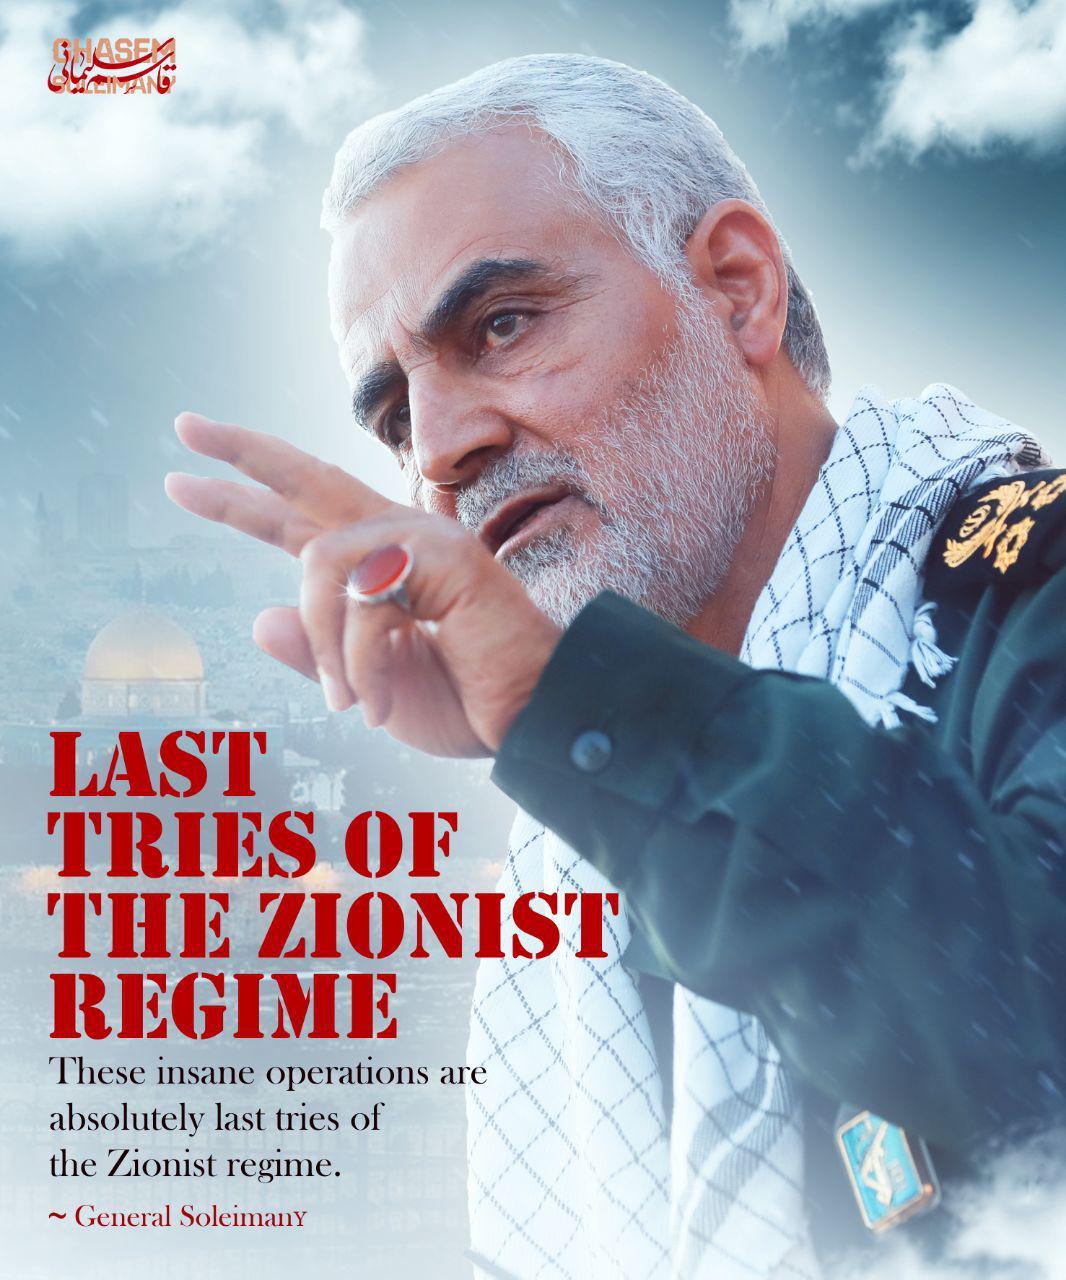 آخرین دست و پا زدنهای رژیم صهیونیستی +عکس نوشته